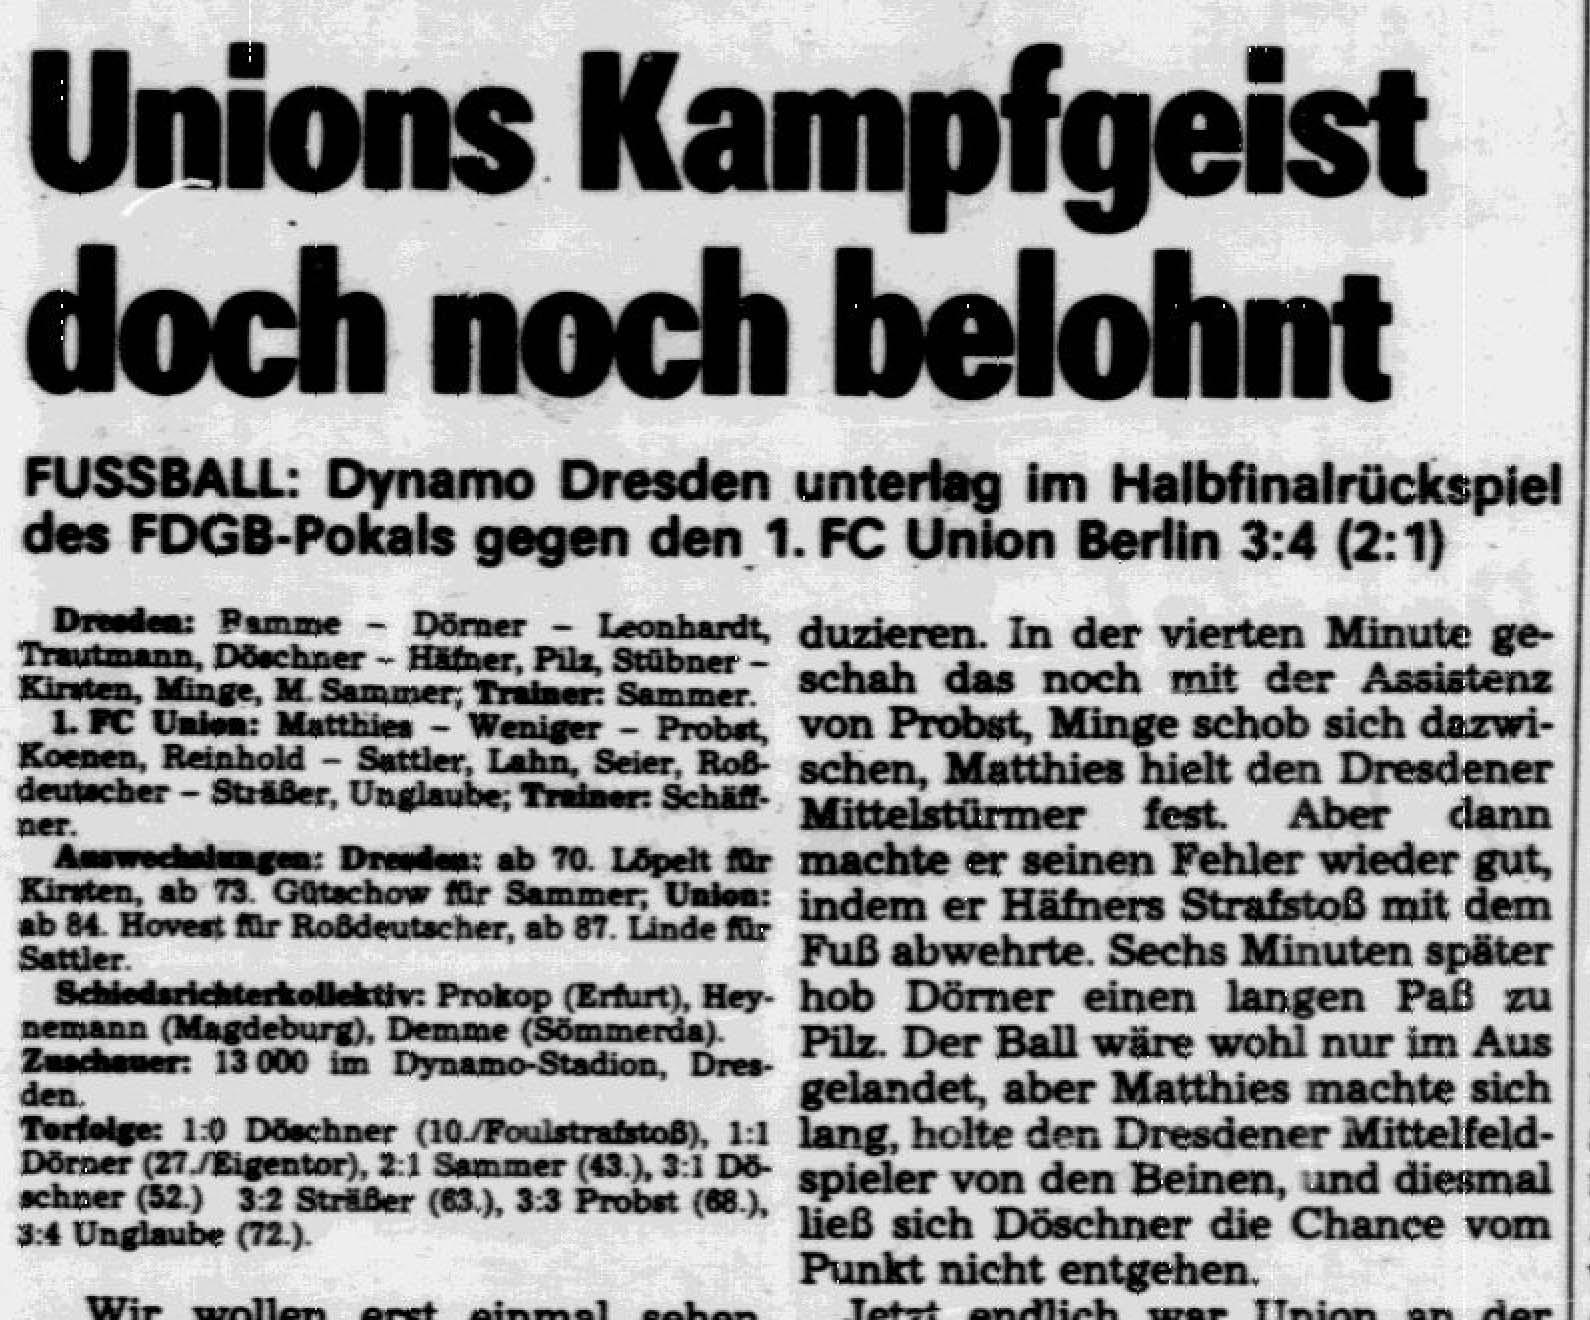 Deutsches Sportecho nach Unions legendären 4:3-Sieg im Rückspiel des FDGB-Pokal-Halbfinals bei Dynamo Dresden 1986